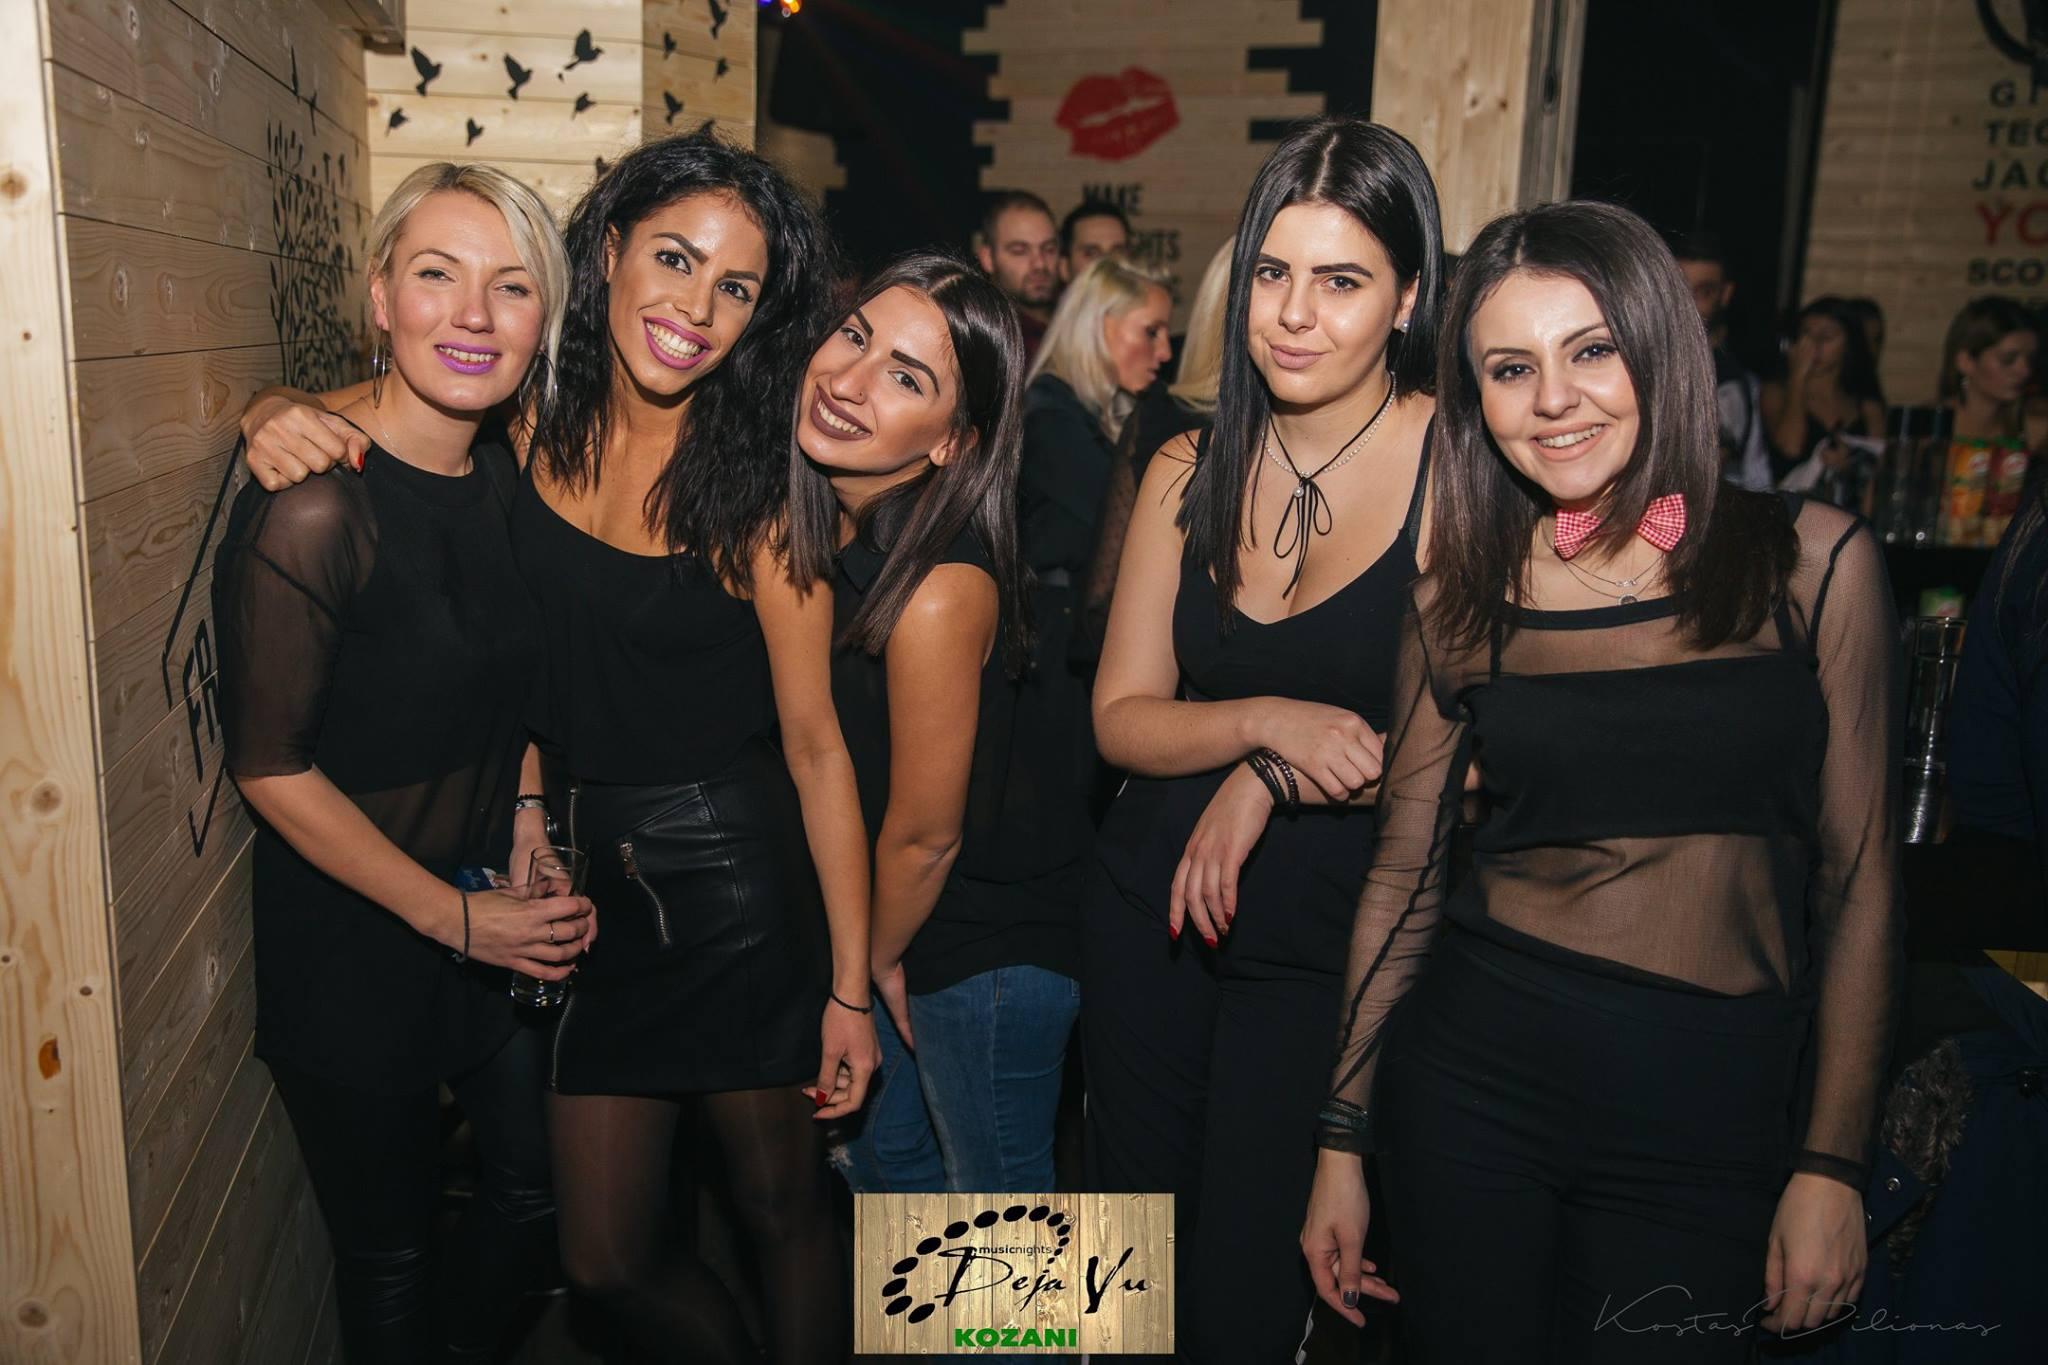 Με πολύ κόσμο και κέφι πραγματοποιήθηκε το opening party του De ja vu Music nights στην Κοζάνη, την Παρασκευή 15 Δεκεμβρίου